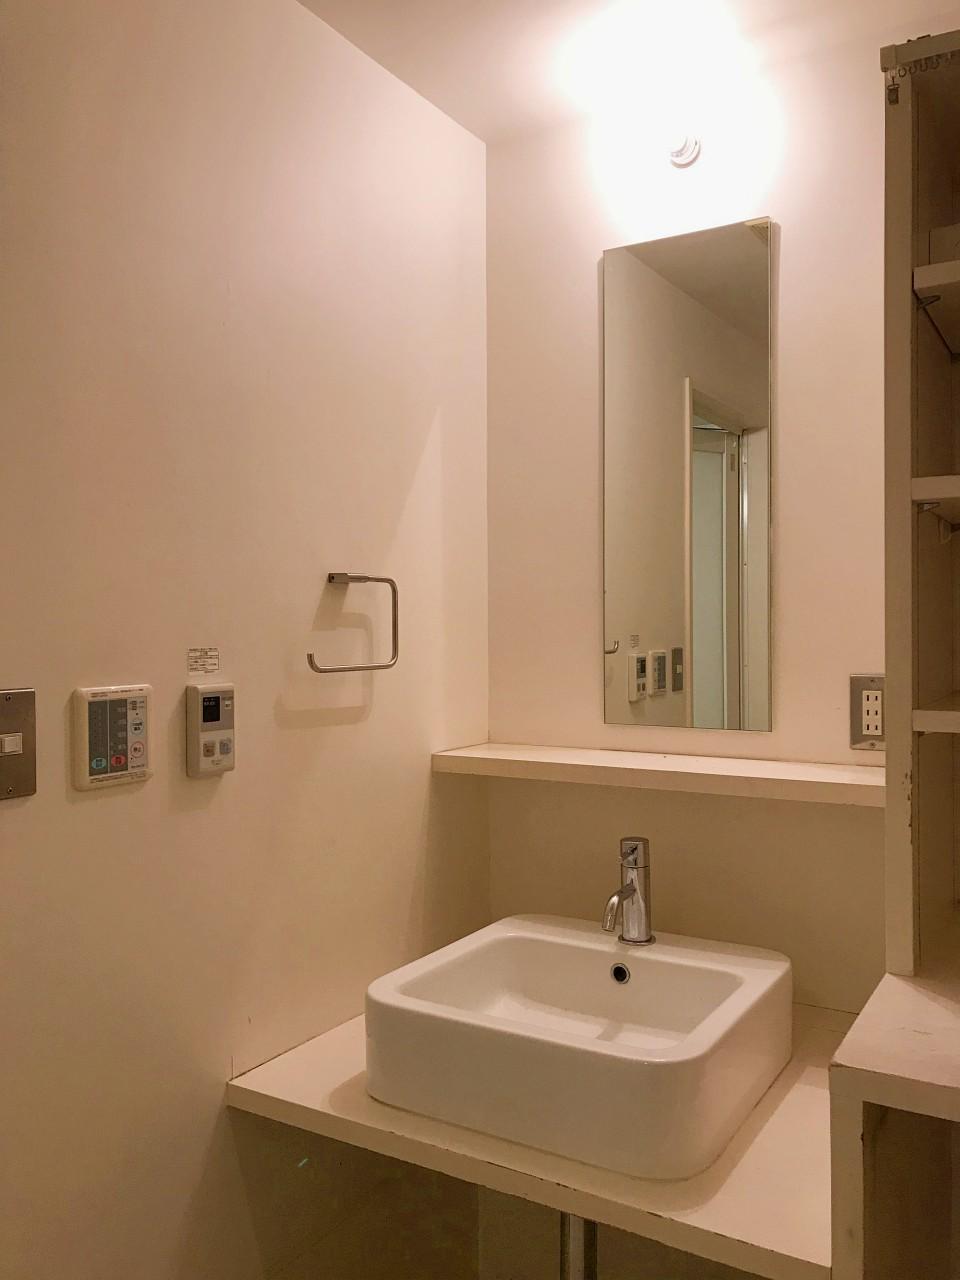 1階にもまた洗面とトイレが